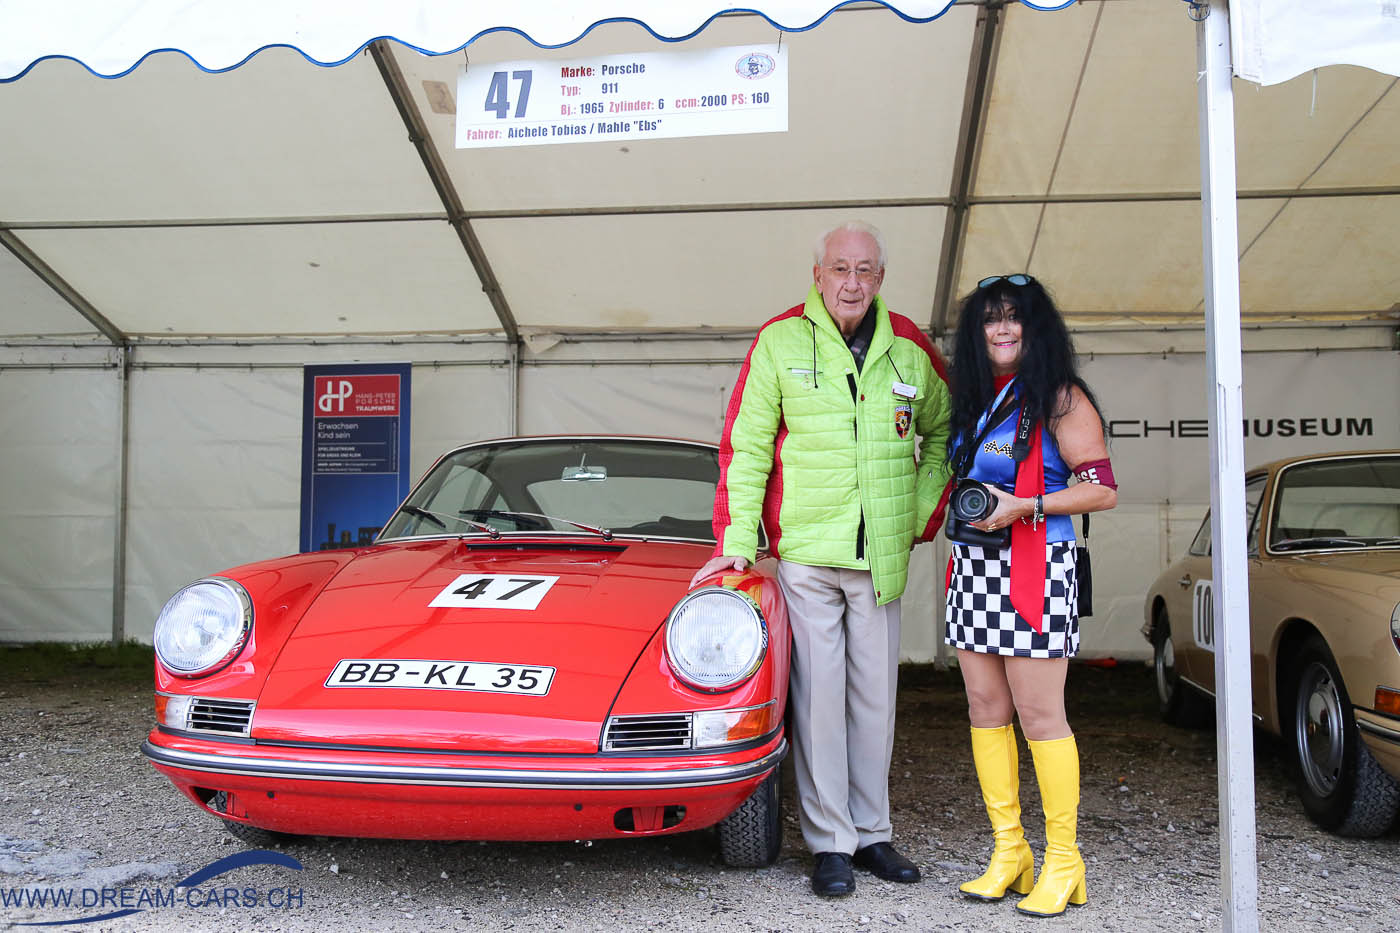 Rossfeldrennen 2016 Berchtesgaden. Eberhard 'Ebs' Mahle und Ela Lehmann vor dem Originalfahrzeug, mit dem 'Ebs' vor 50 Jahren das Rossfeldrennen bestritt